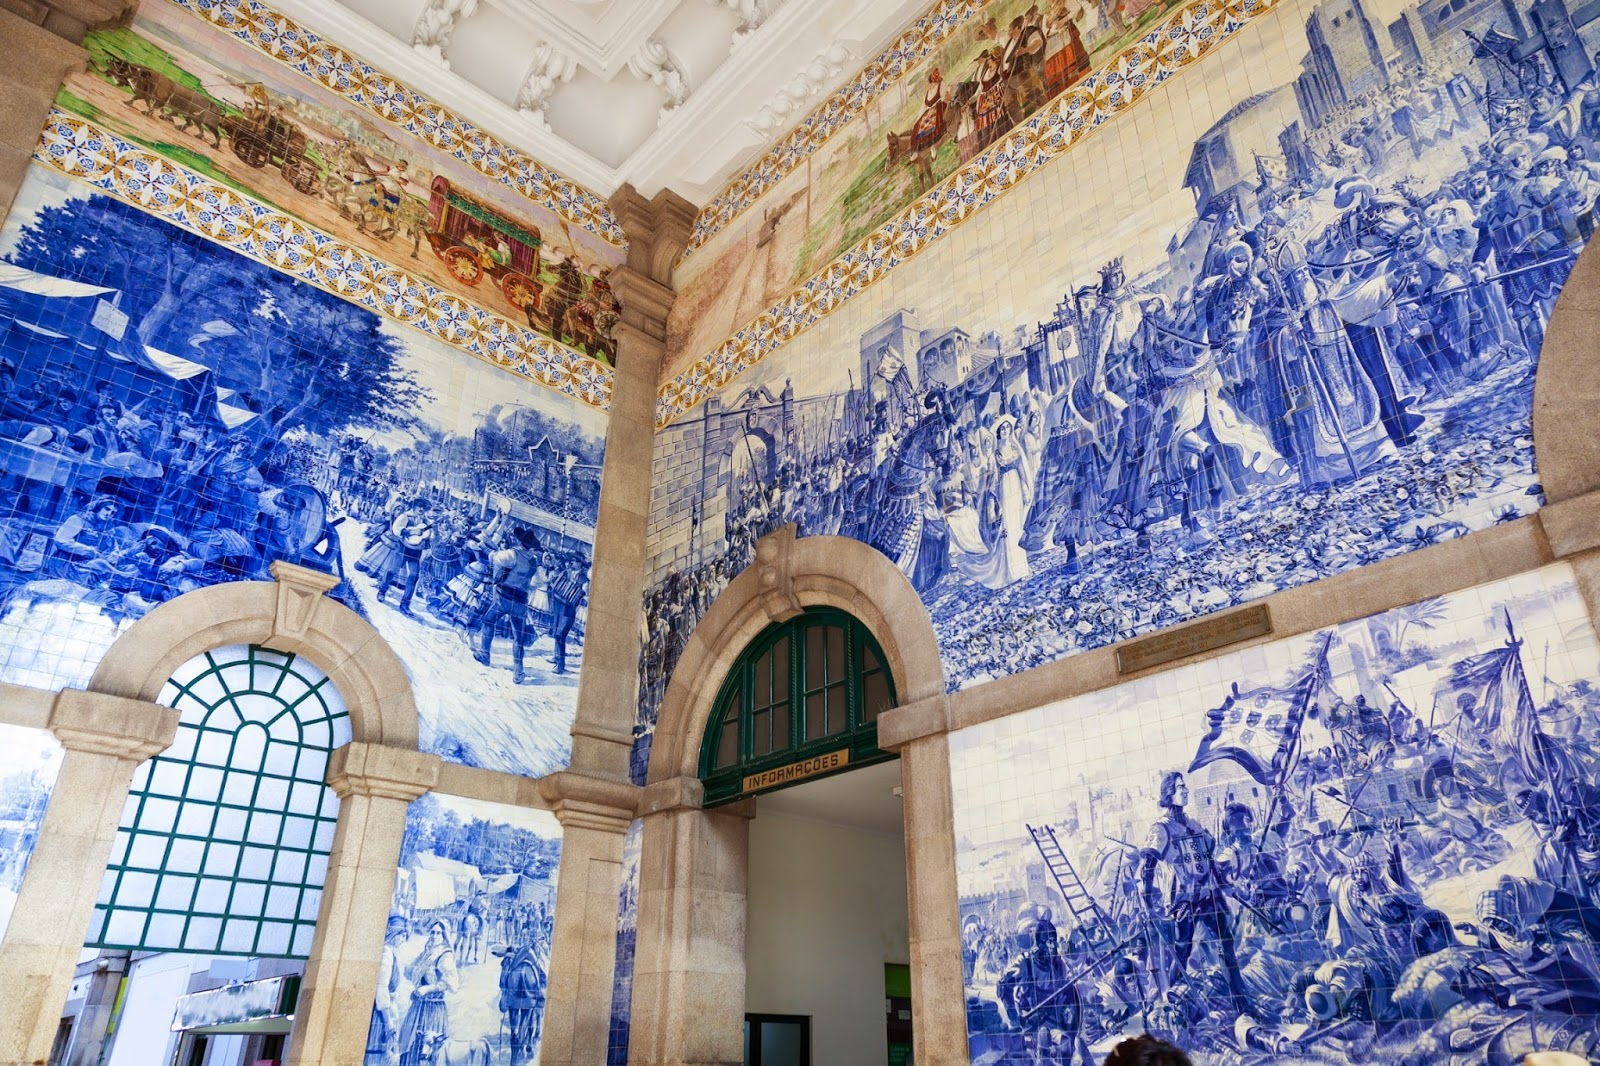 Los azulejos portugueses zona libre radio 1 for El mundo de los azulejos